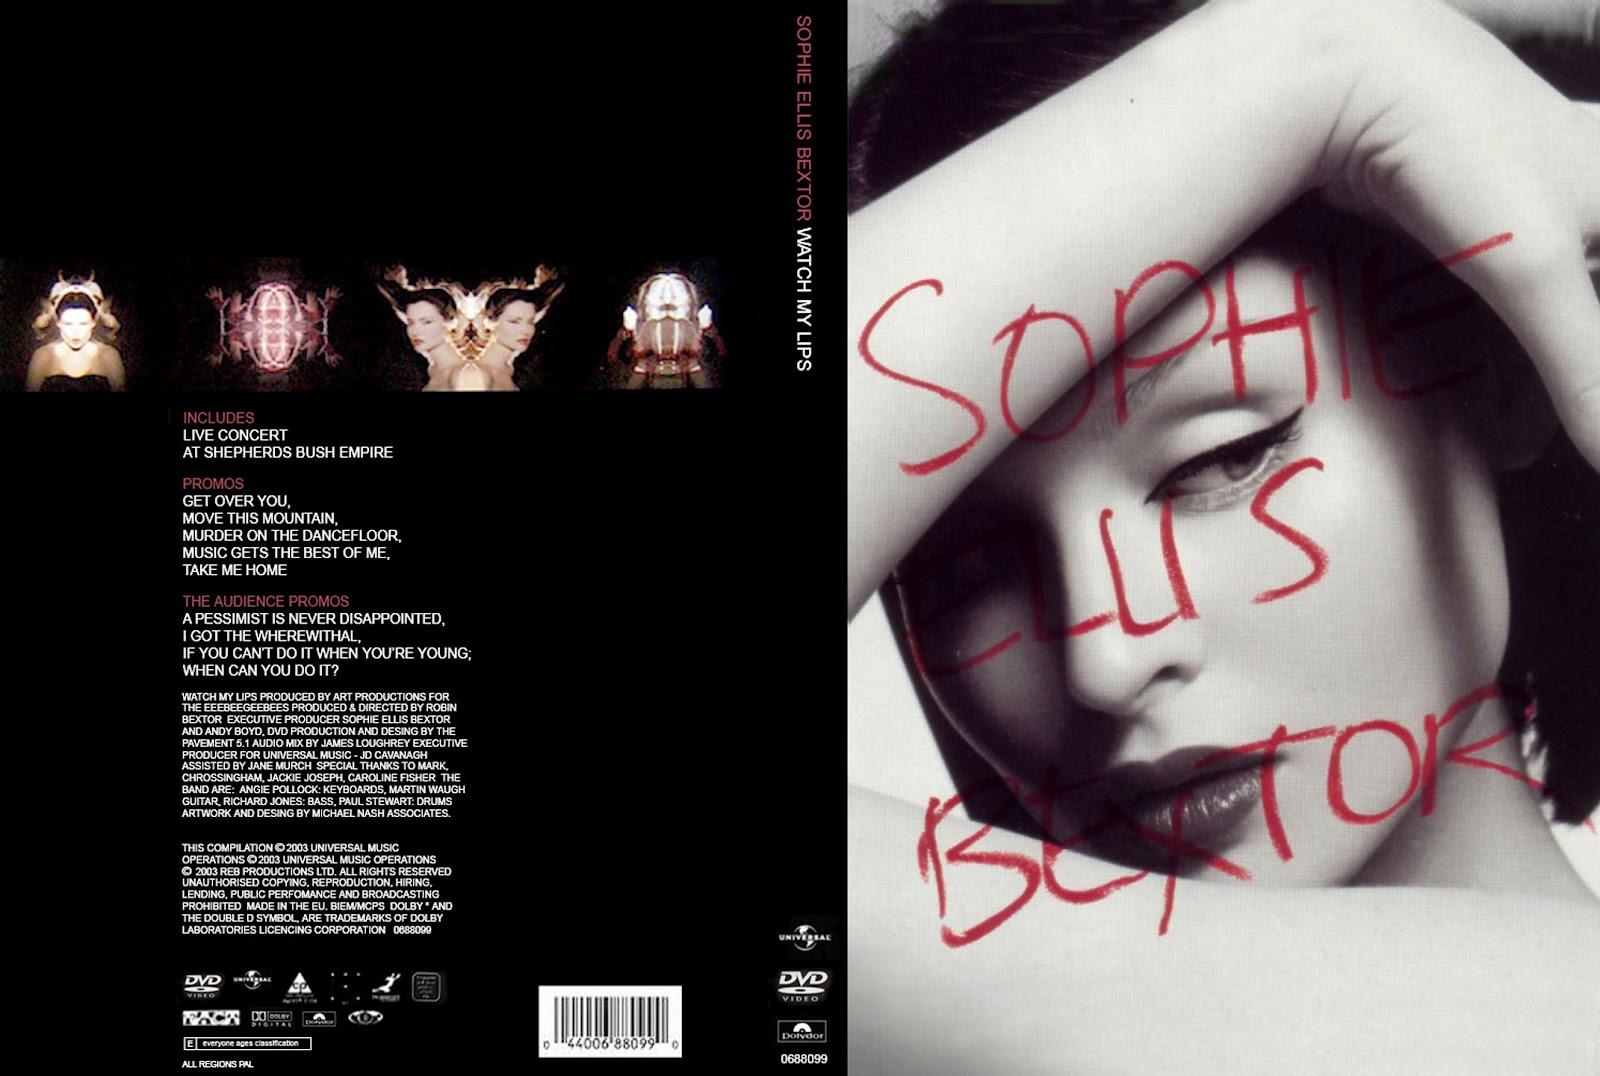 http://3.bp.blogspot.com/-_xuk87z_-ZI/T5hChWuw-hI/AAAAAAAAFEY/1MZHZyZg2Yk/s1600/Sophie_Ellis-Bextor-Watch_My_Lips_(DVD)-Caratula.jpg